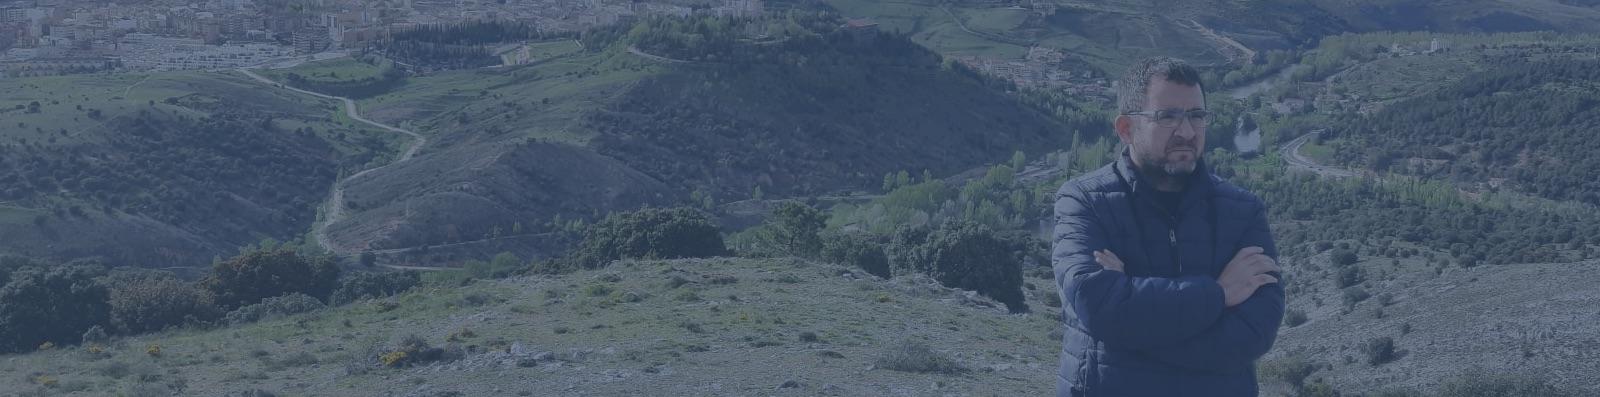 Soria Guiada